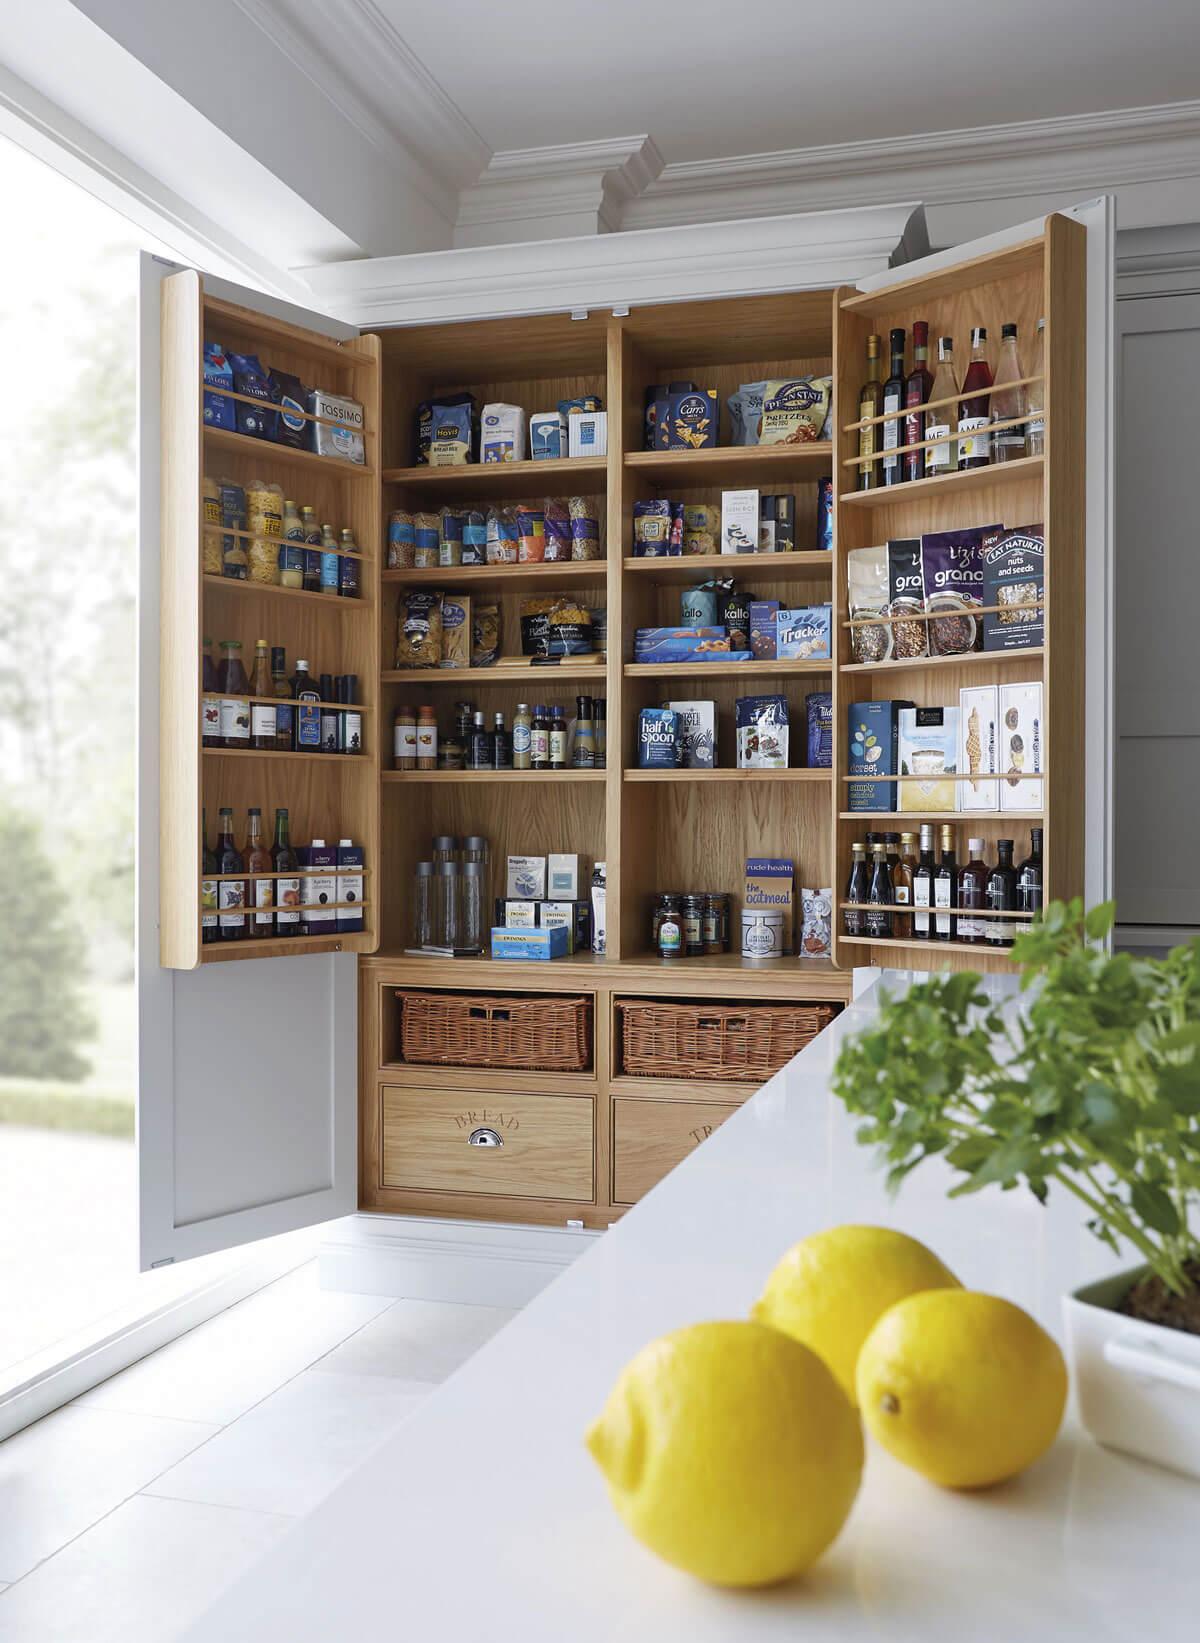 schrank und zitronen pantry küche